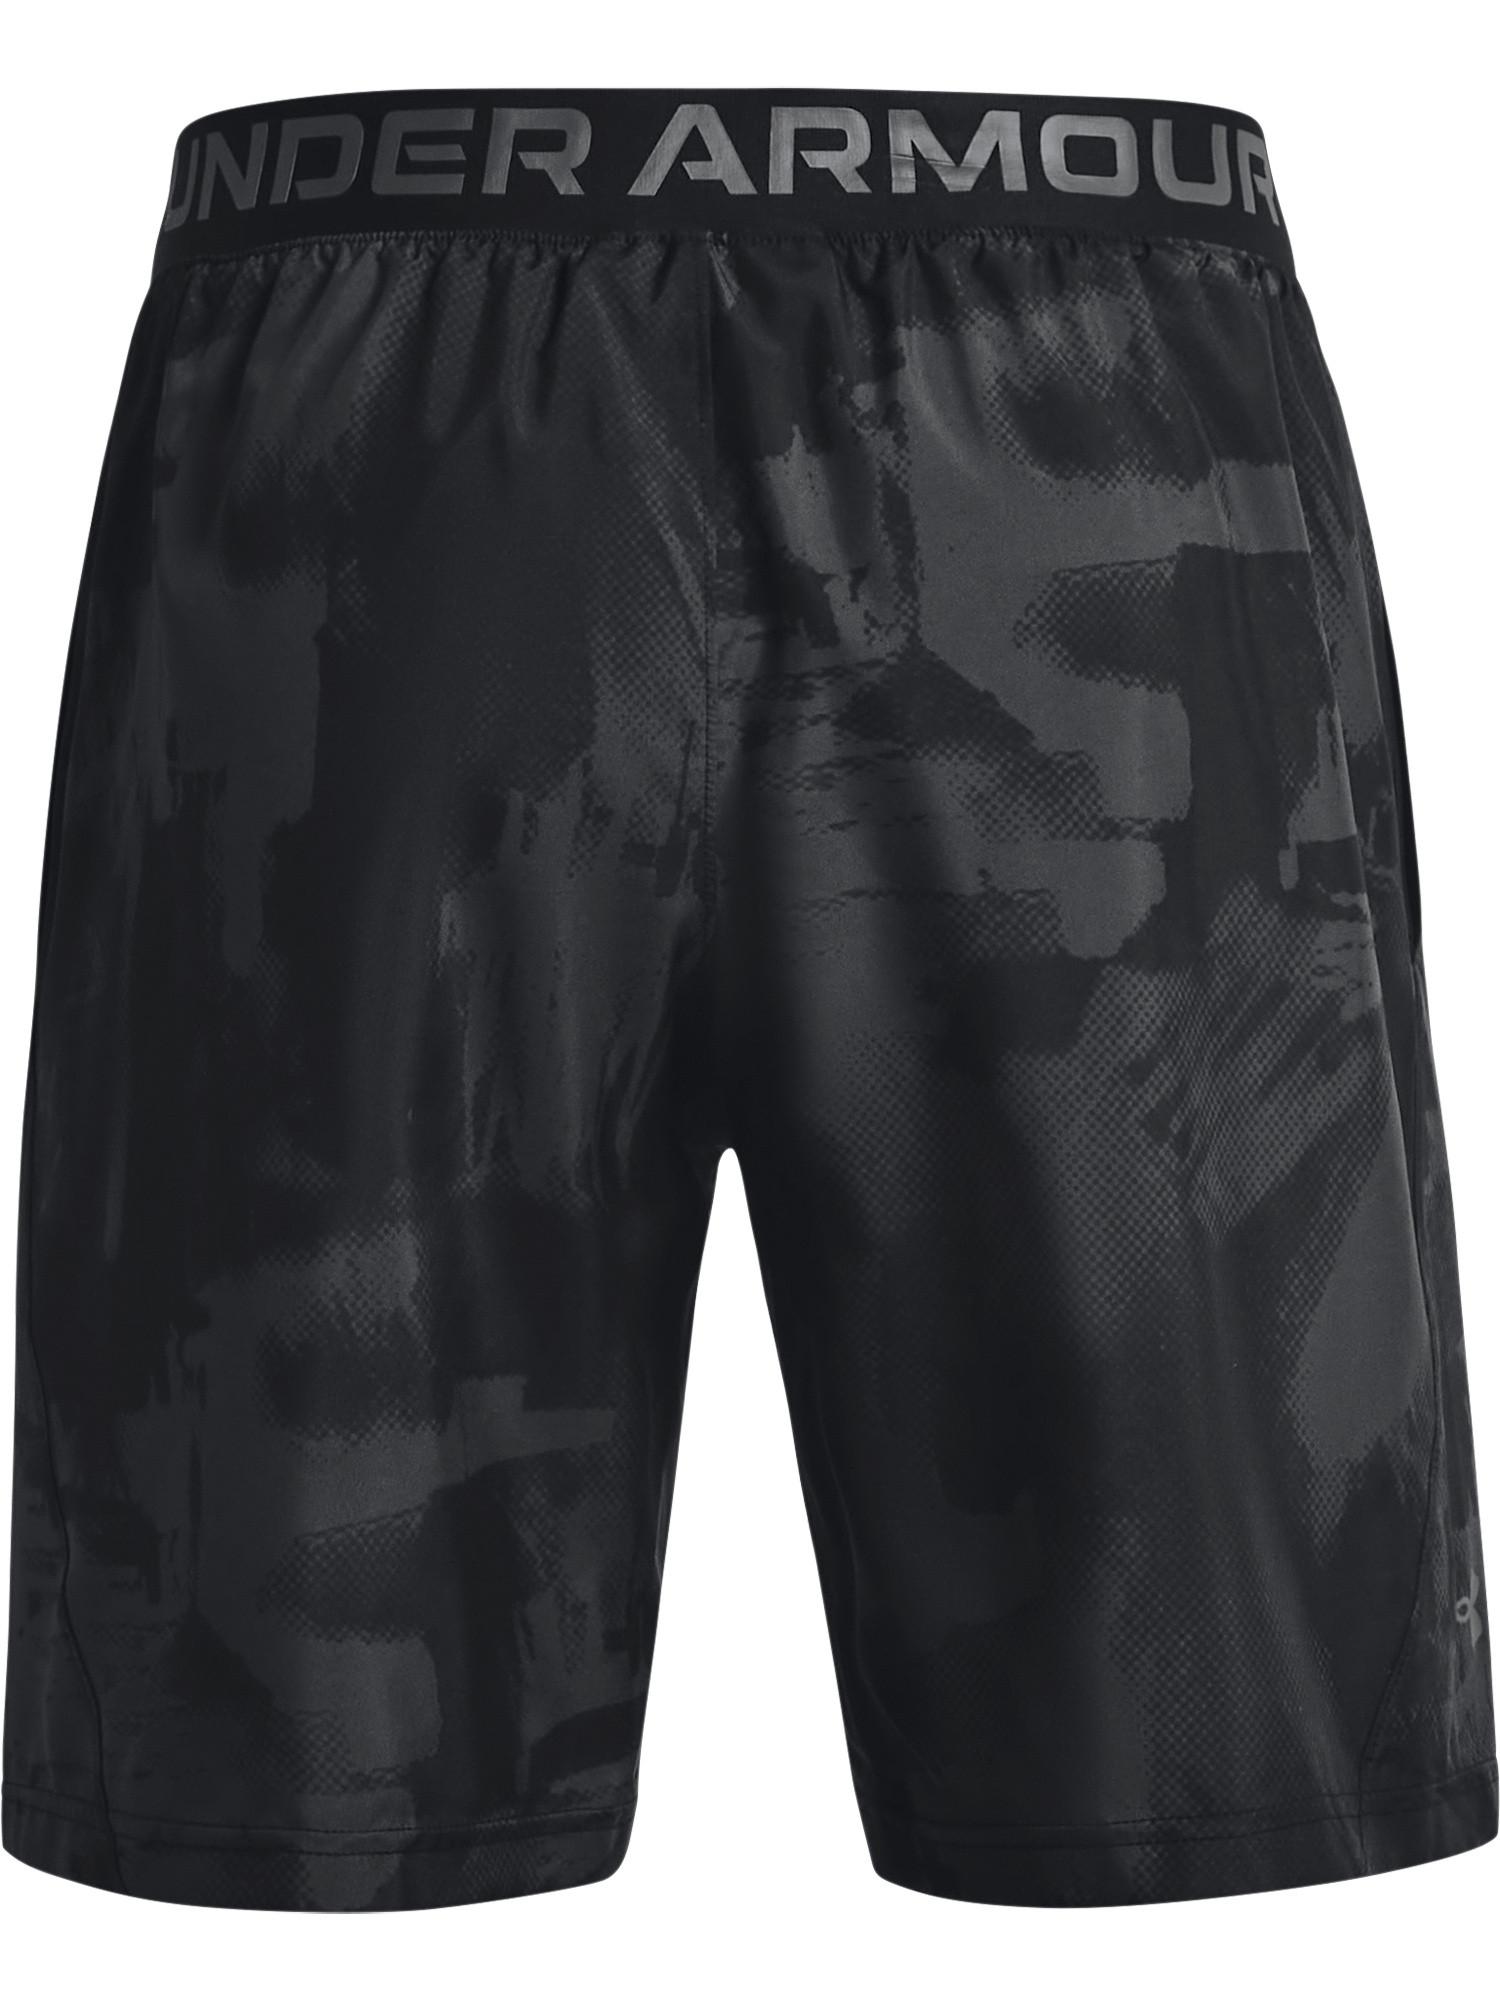 Shorts UA Woven Adapt da uomo, Nero, large image number 1